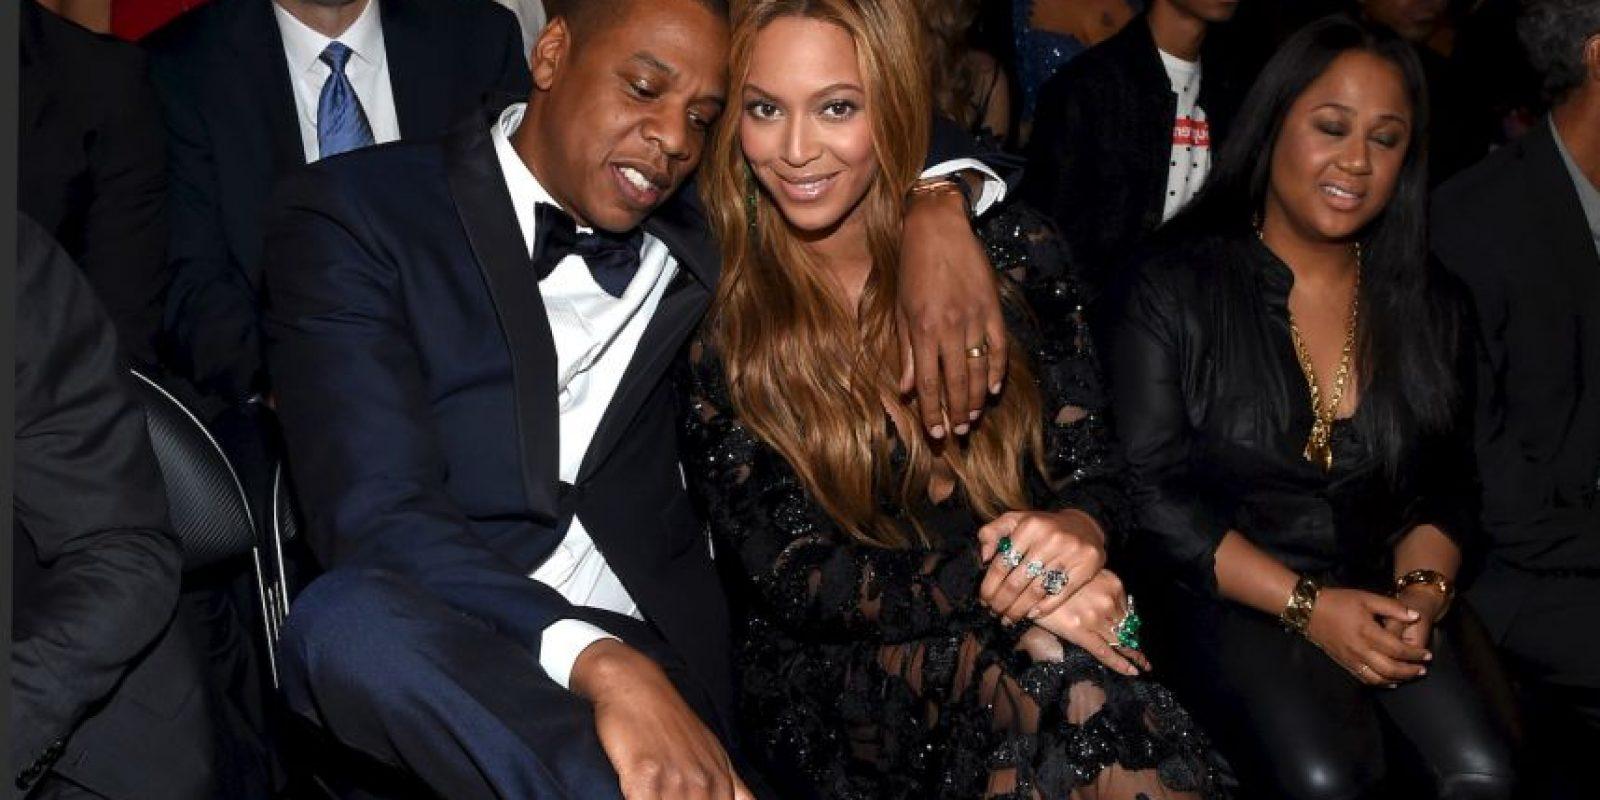 """¡Jay Z celebró el nacimiento de su hija incluyéndola en una de sus canciones! Blue se transformó en la persona más joven en aparecer en el ranking Billboard estadounidense cuando el sonido de su llanto apareció al final de la canción """"Glory"""" del rapero, en la que habla sobre ser padre Foto:Getty Images"""